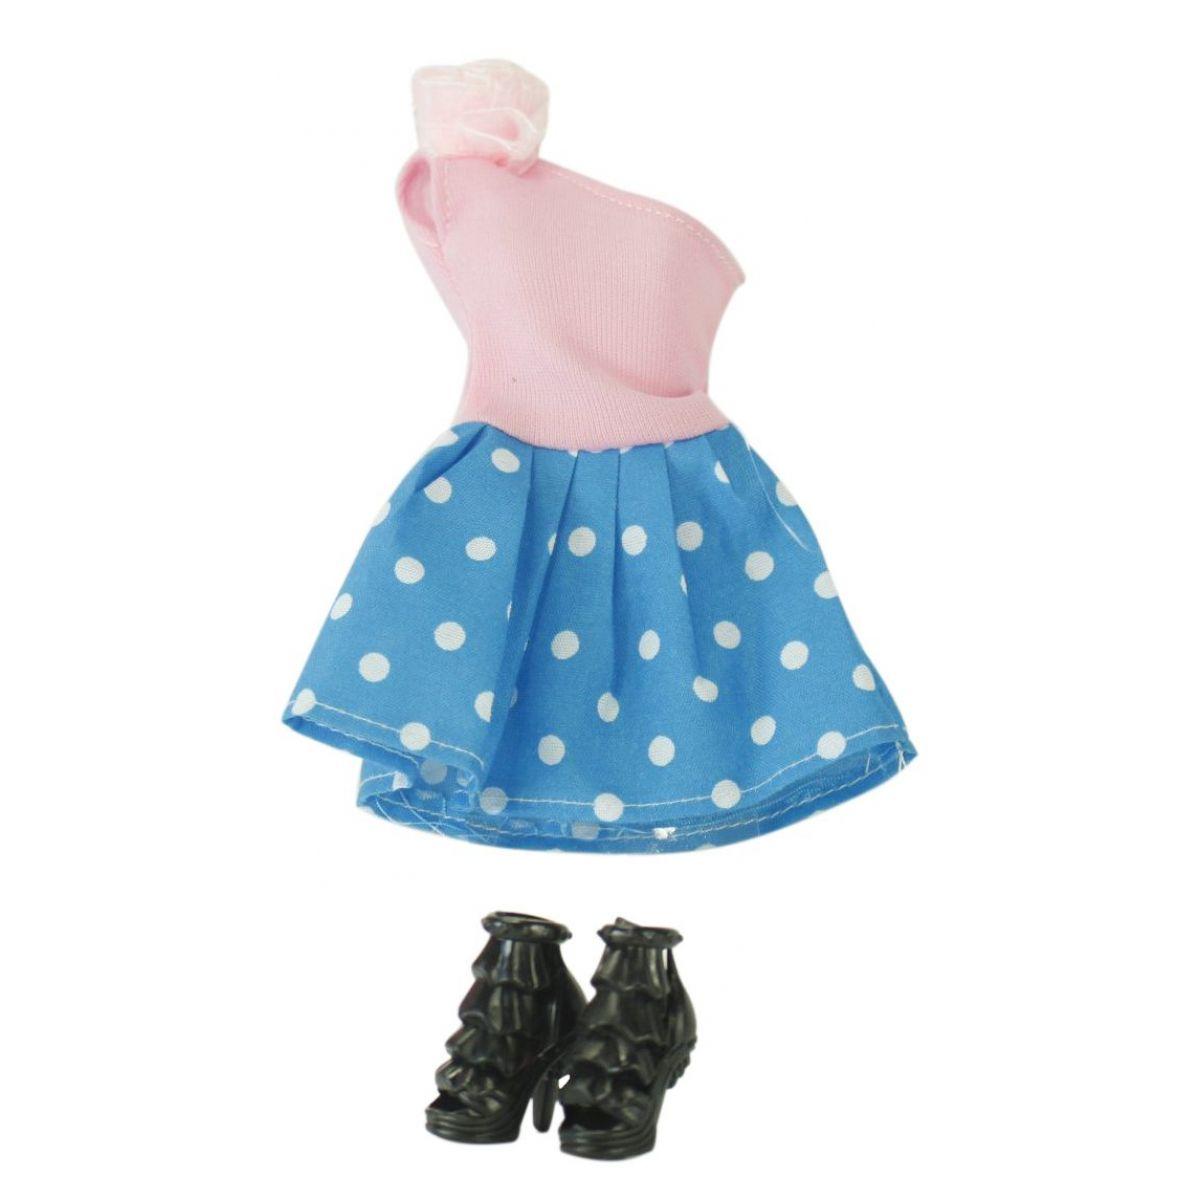 EP Line Šatičky pro panenky s doplňky růžové šaty s modrou puntíkatou sukní